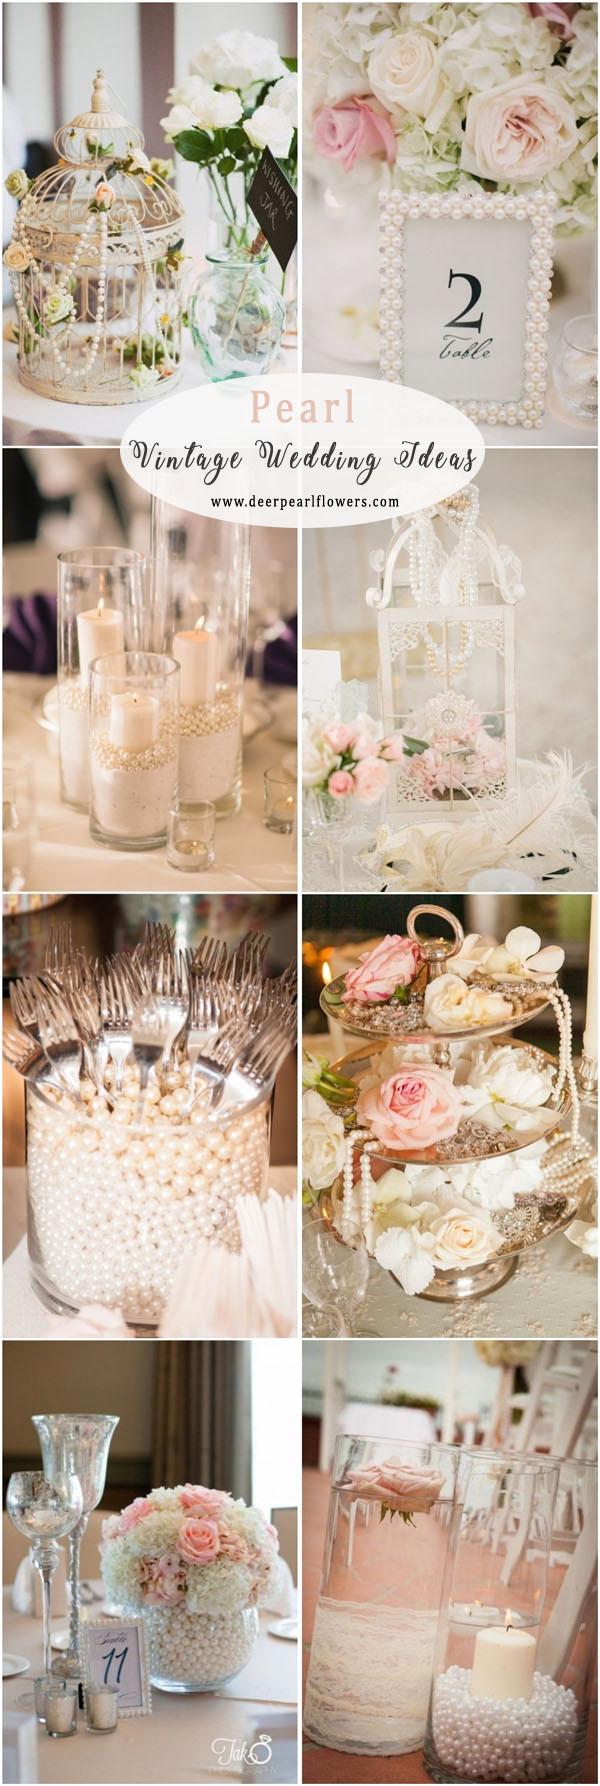 Vintage Wedding Ideas Top 10 Vintage Wedding Trend Ideas For 2019 Deer Pearl Flowers